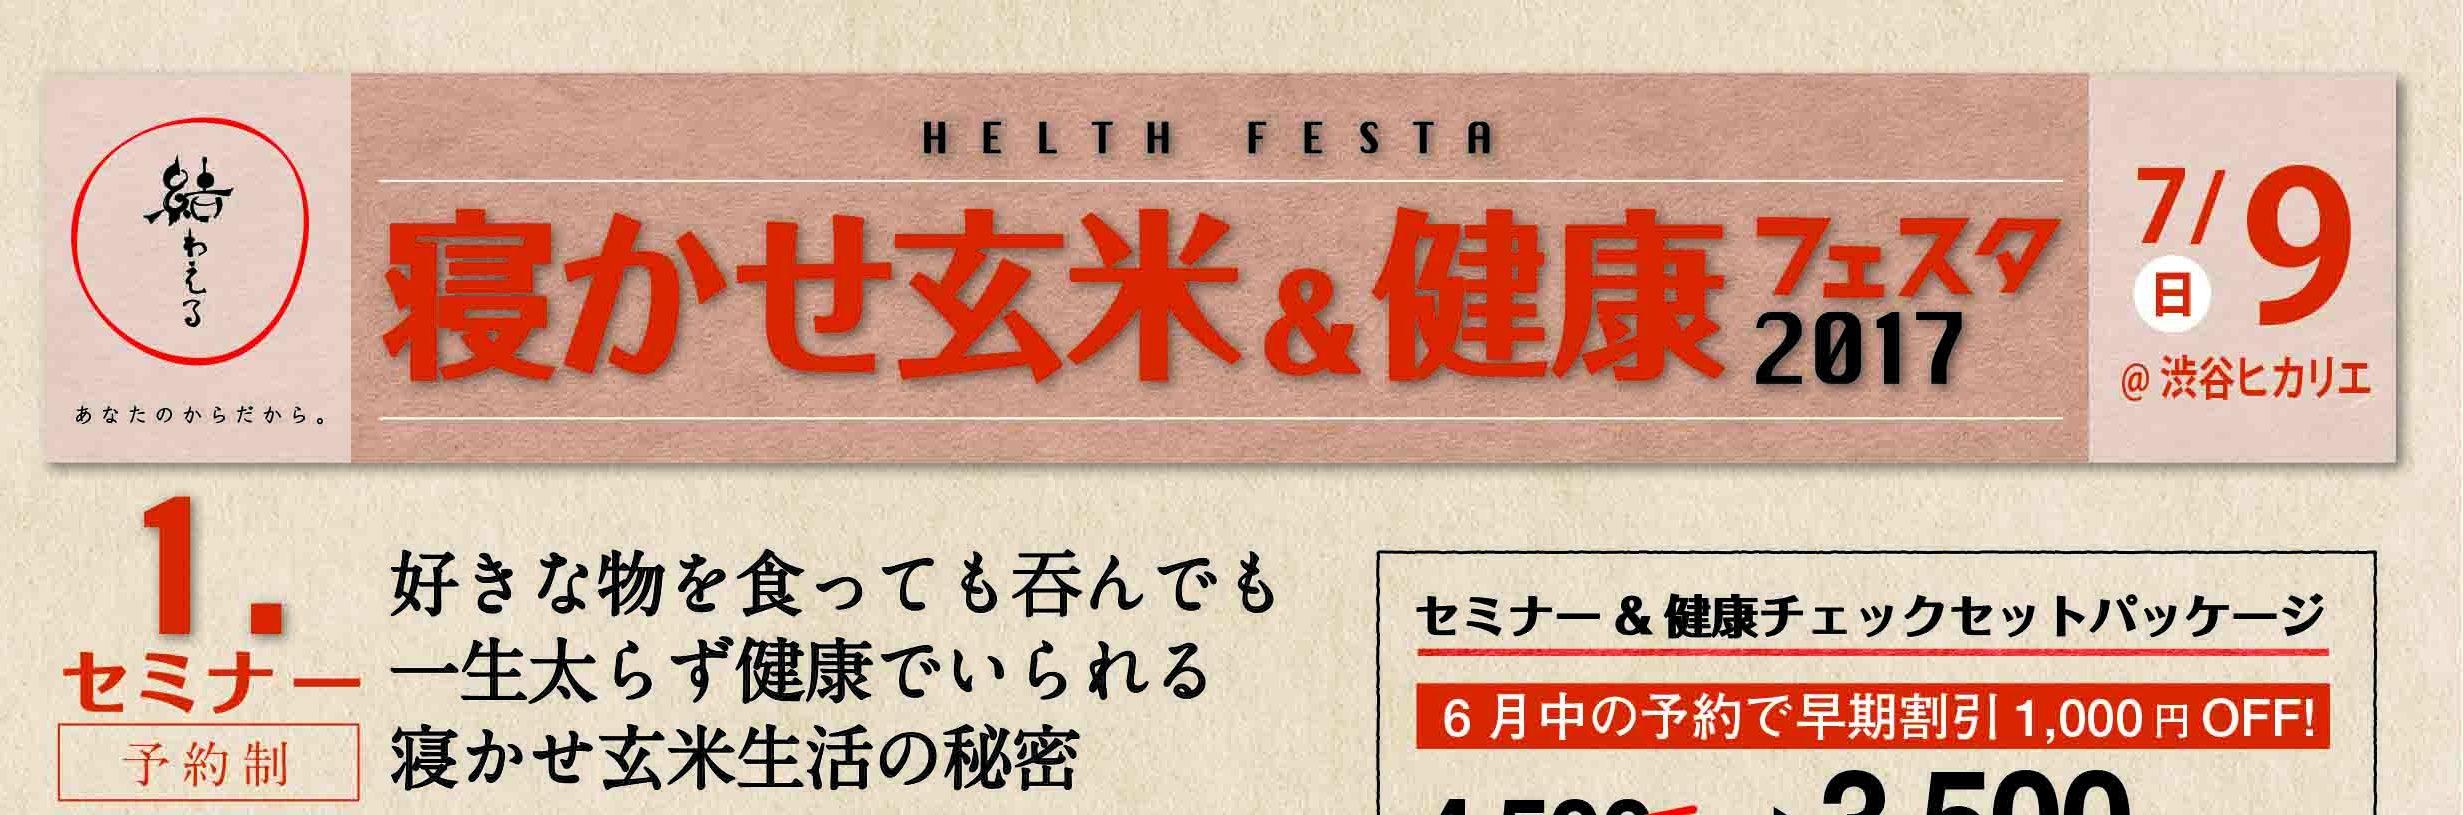 寝かせ玄米&健康フェスタ2017 @渋谷ヒカリエ